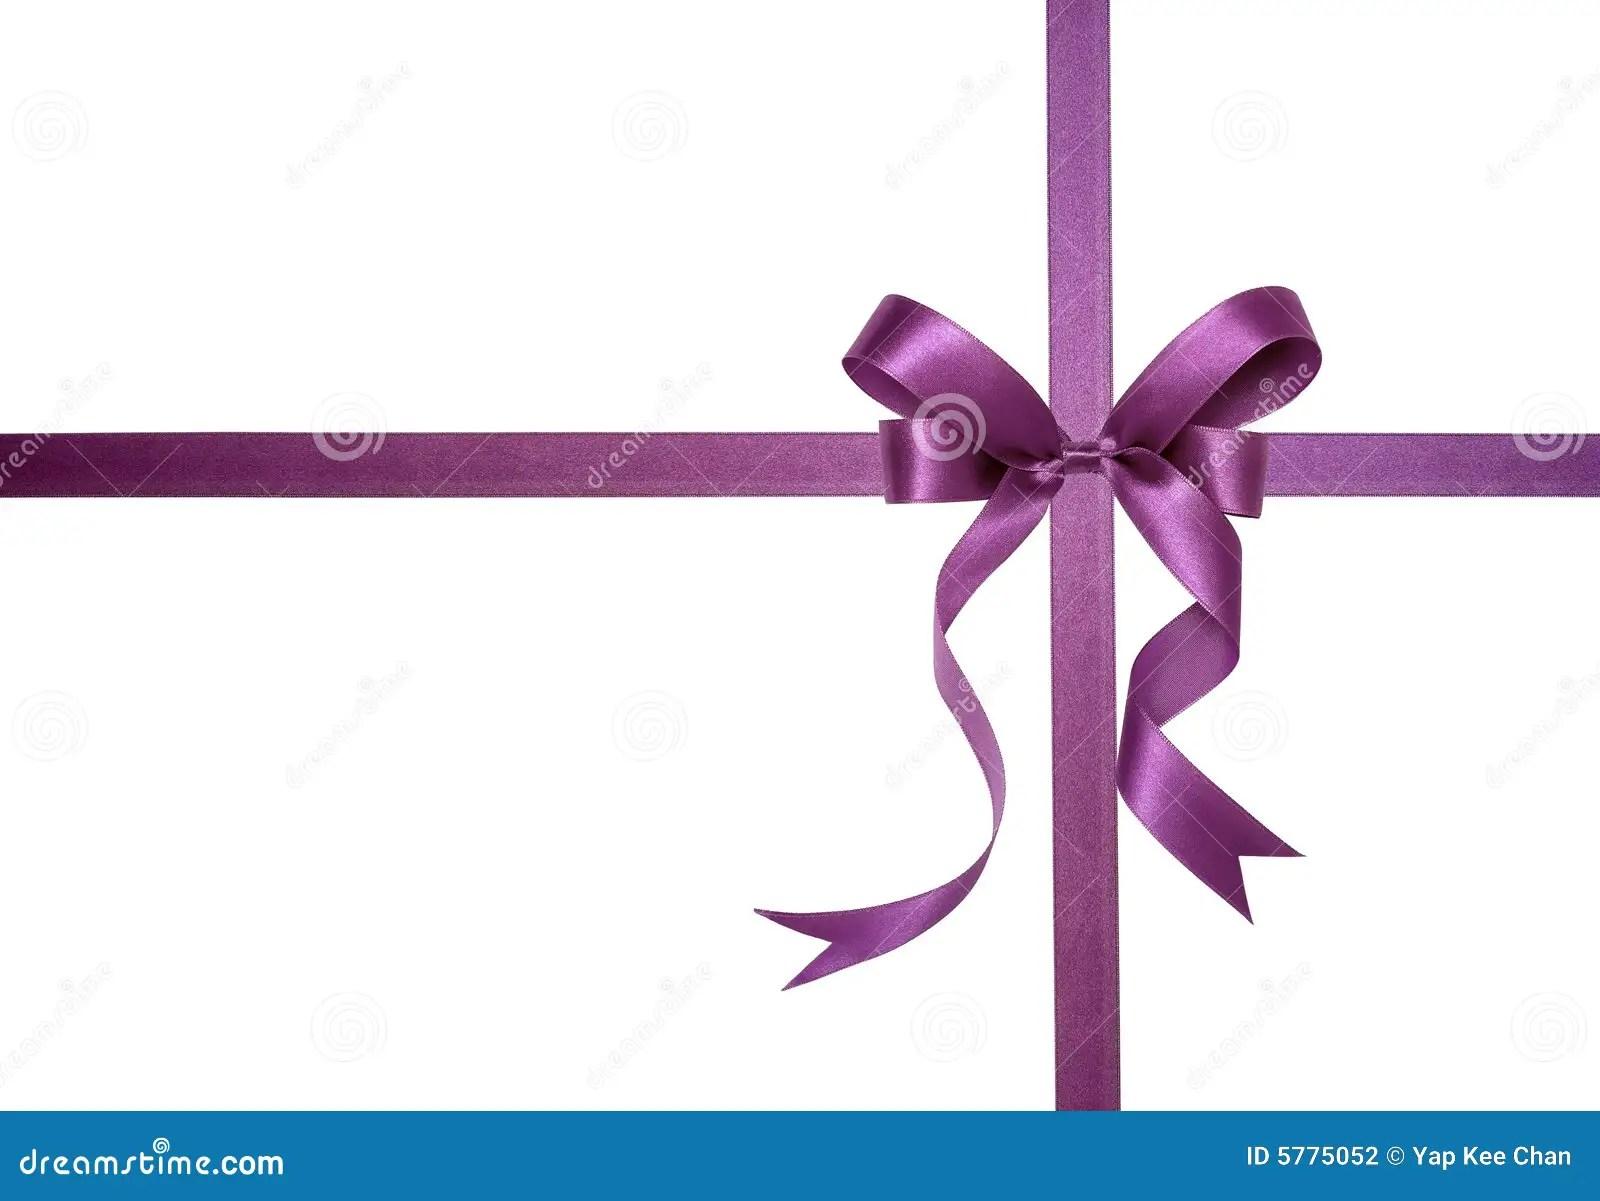 Purple Ribbon Stock Photo Image Of Isolated Shiny Sign